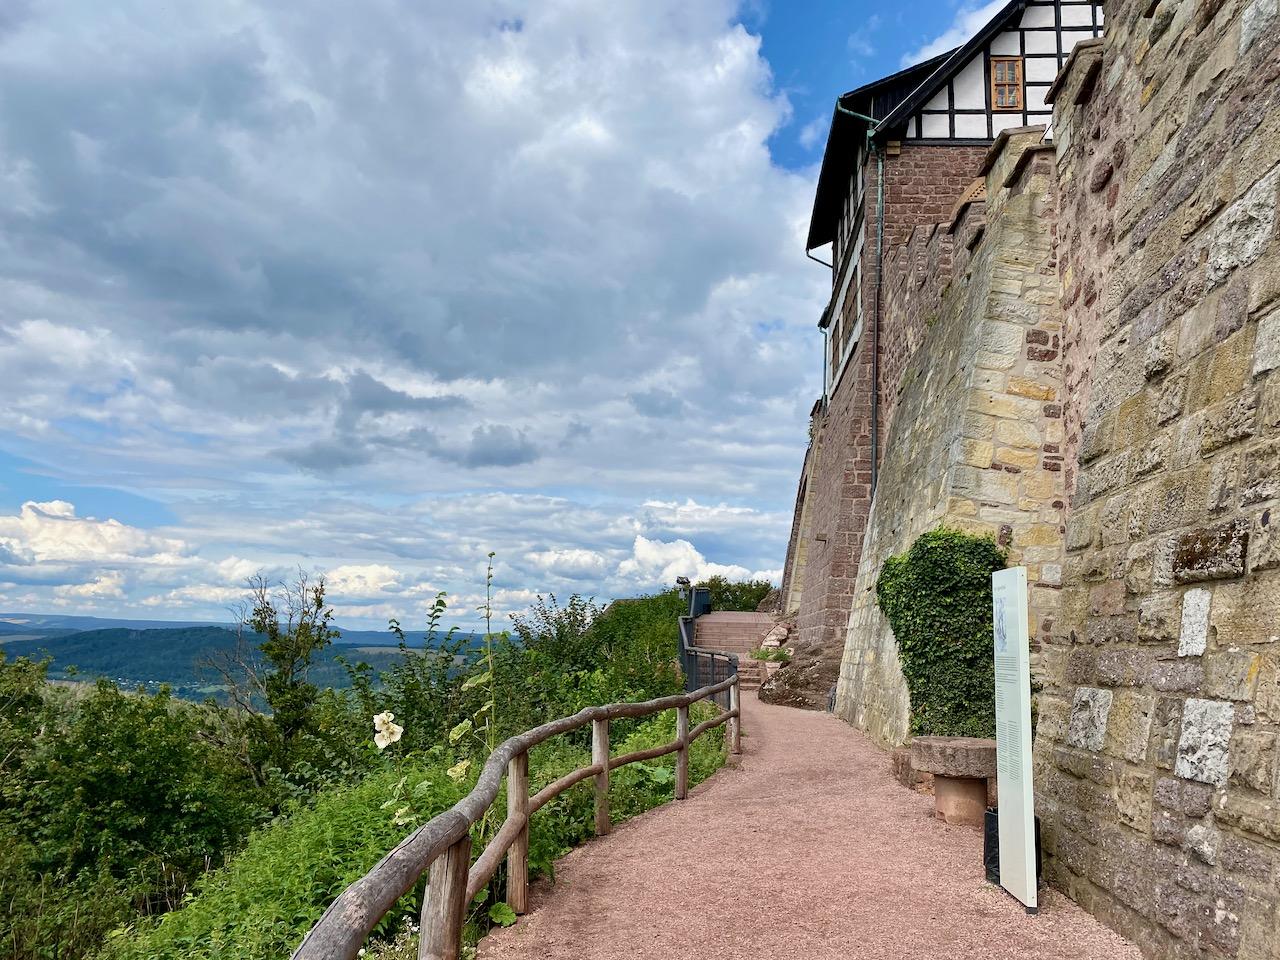 Ausflugsideen in Thüringen - Urlaub im Grünen Zentrum Deutschlands